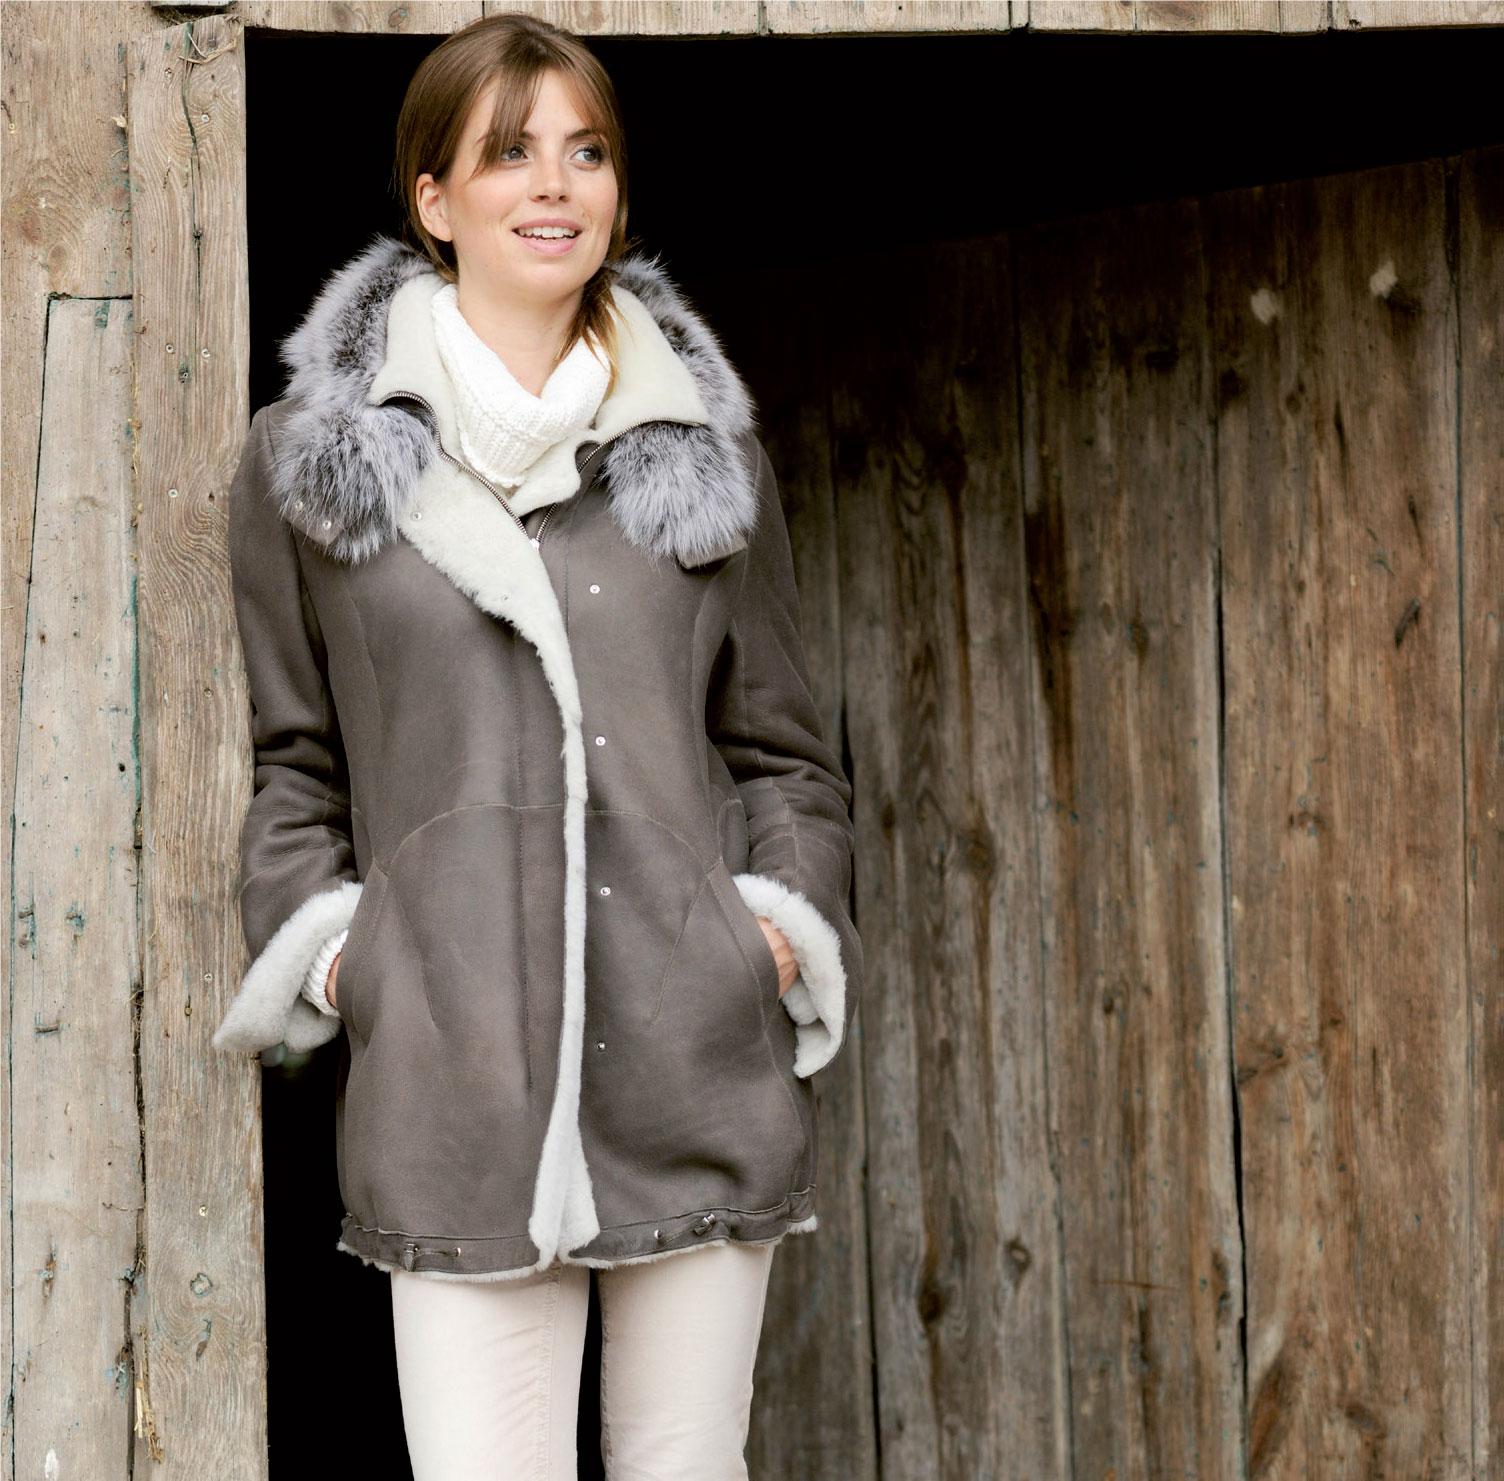 Lammveloursmodelle und Reversible Modelle, welche eine Leder-Aussenseite haben, werden zusätzlich noch imprägniert.